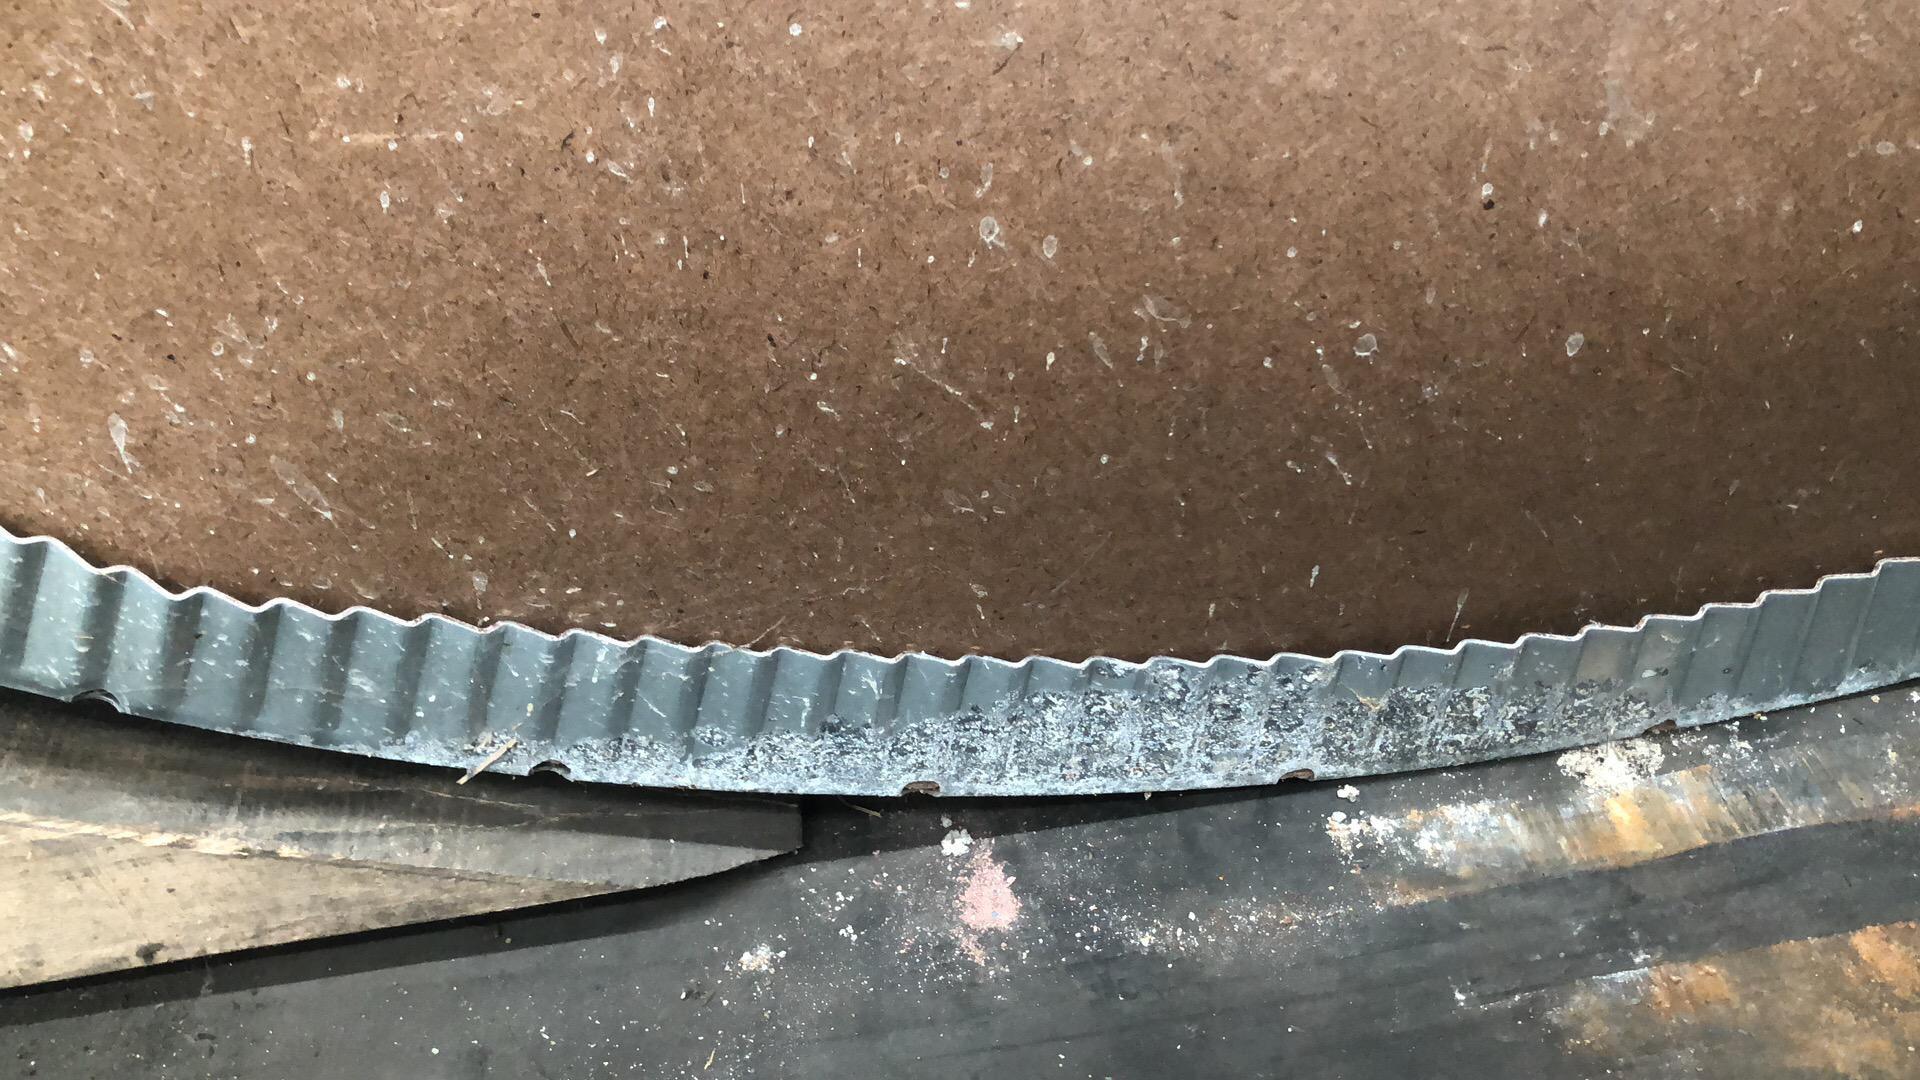 钢卷水浸生锈.png